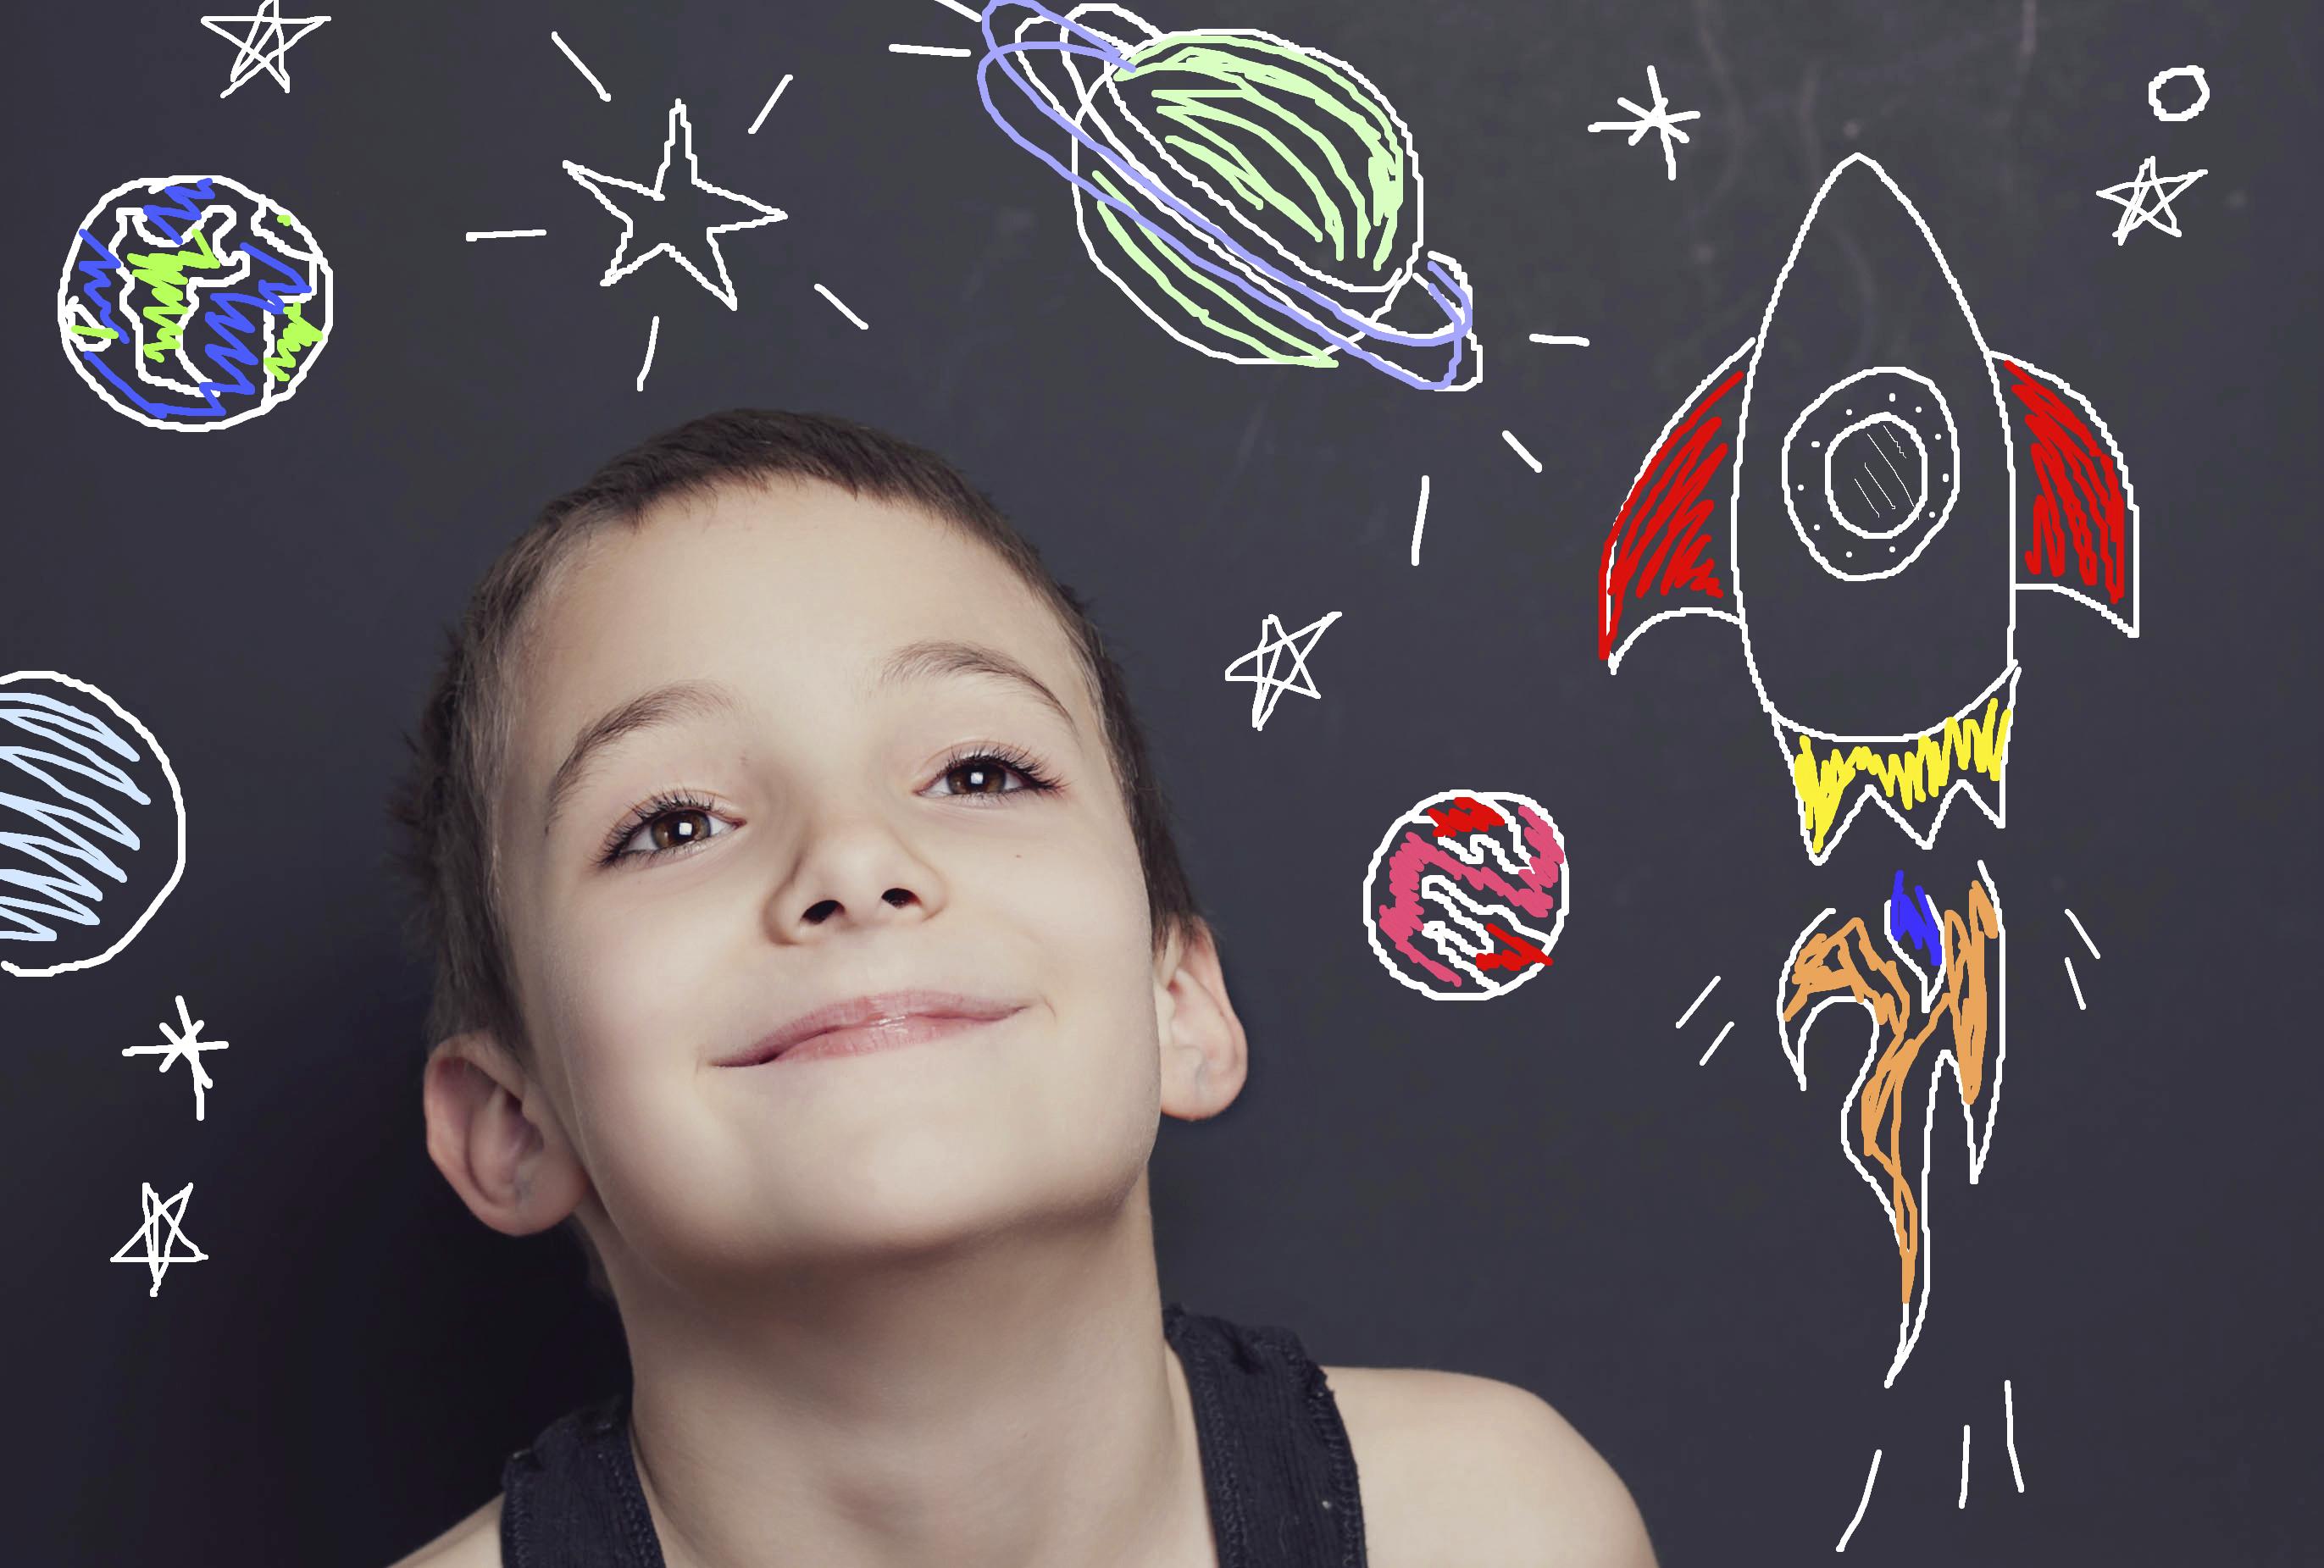 Ребенок отгадывает вопросы про космос